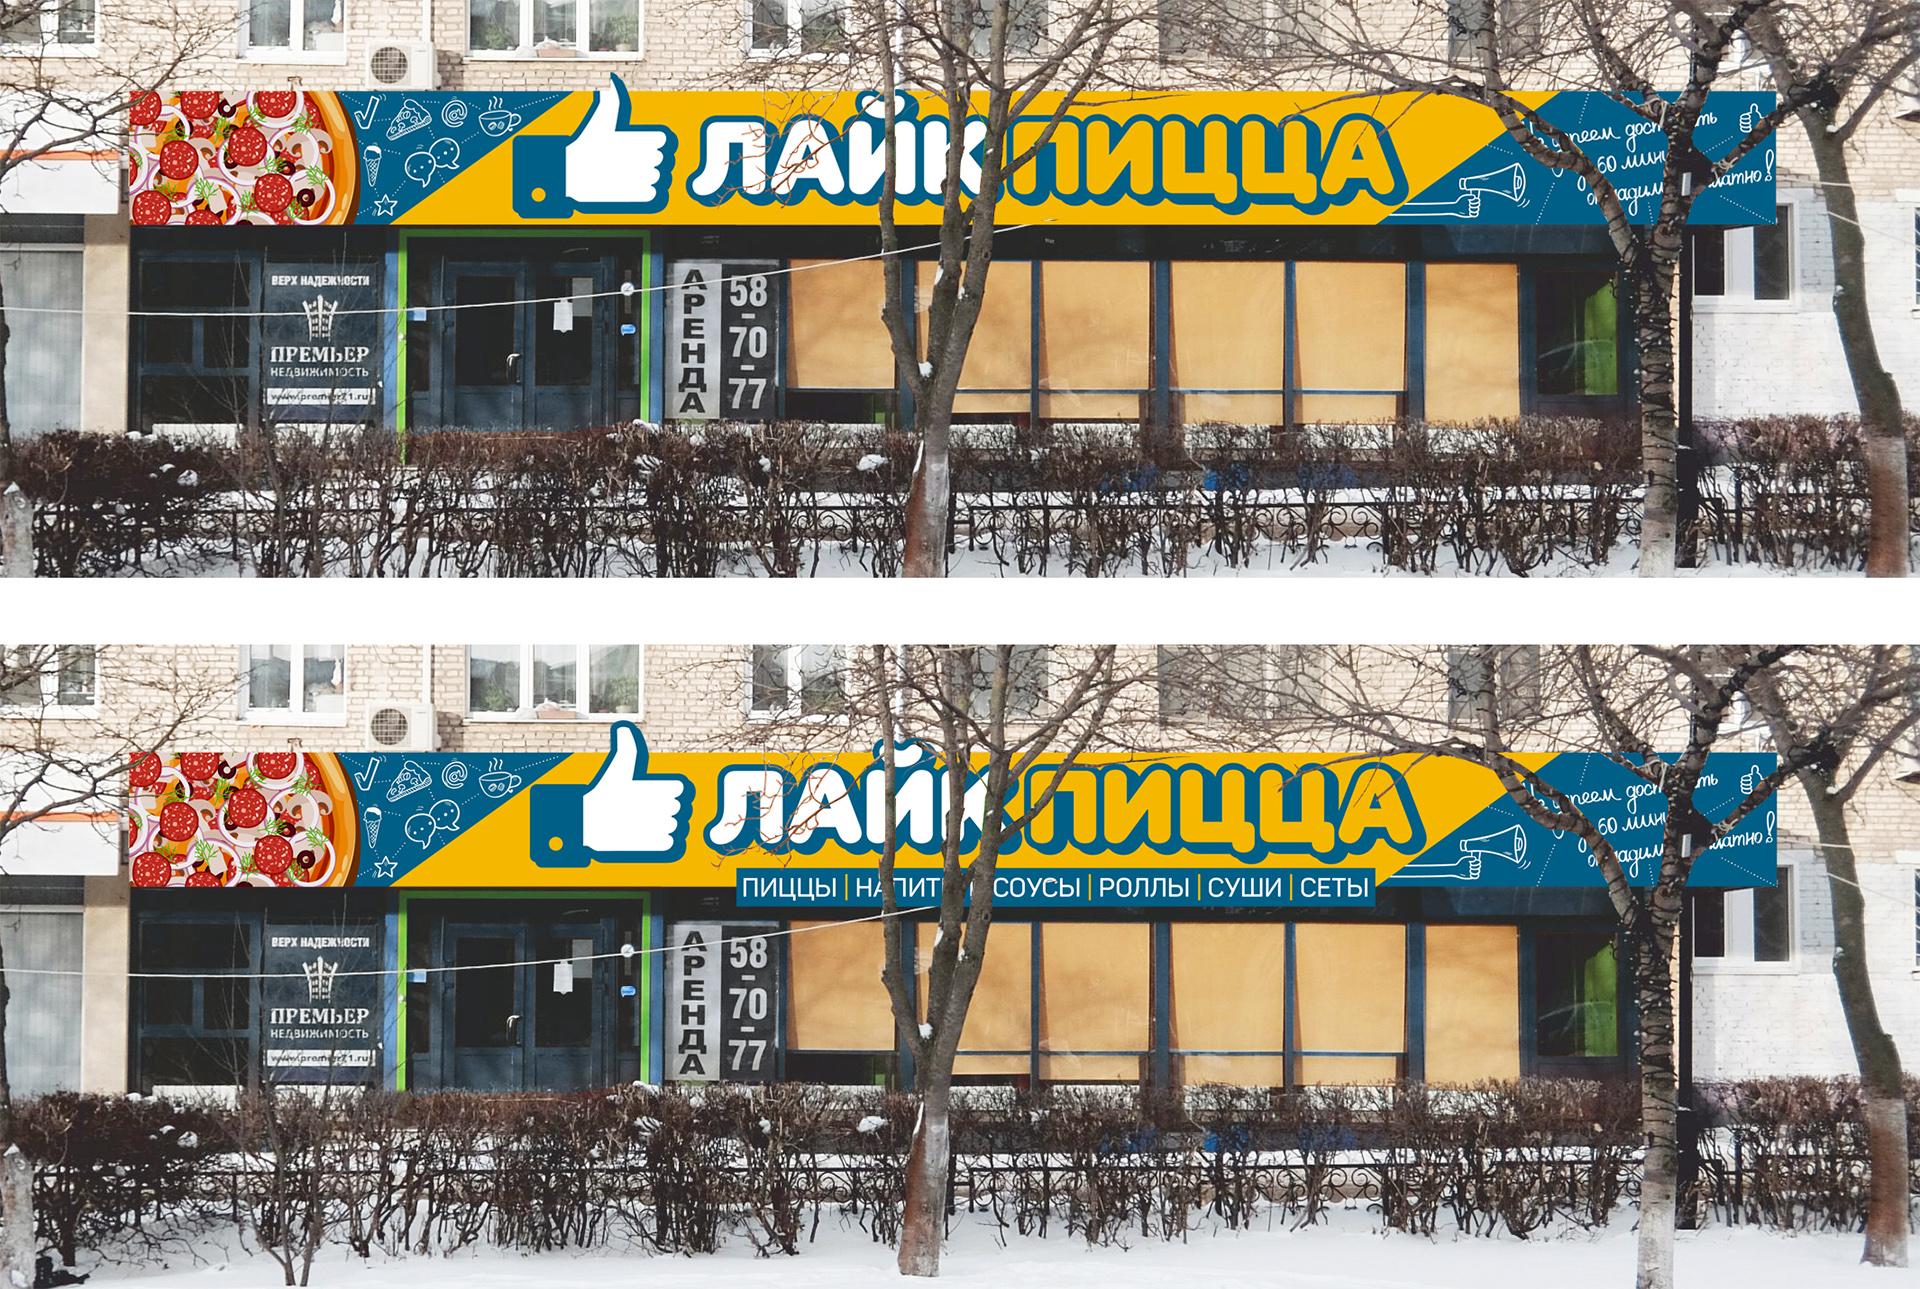 Дизайн уличного козырька с вывеской для пиццерии фото f_0725873d84005941.jpg